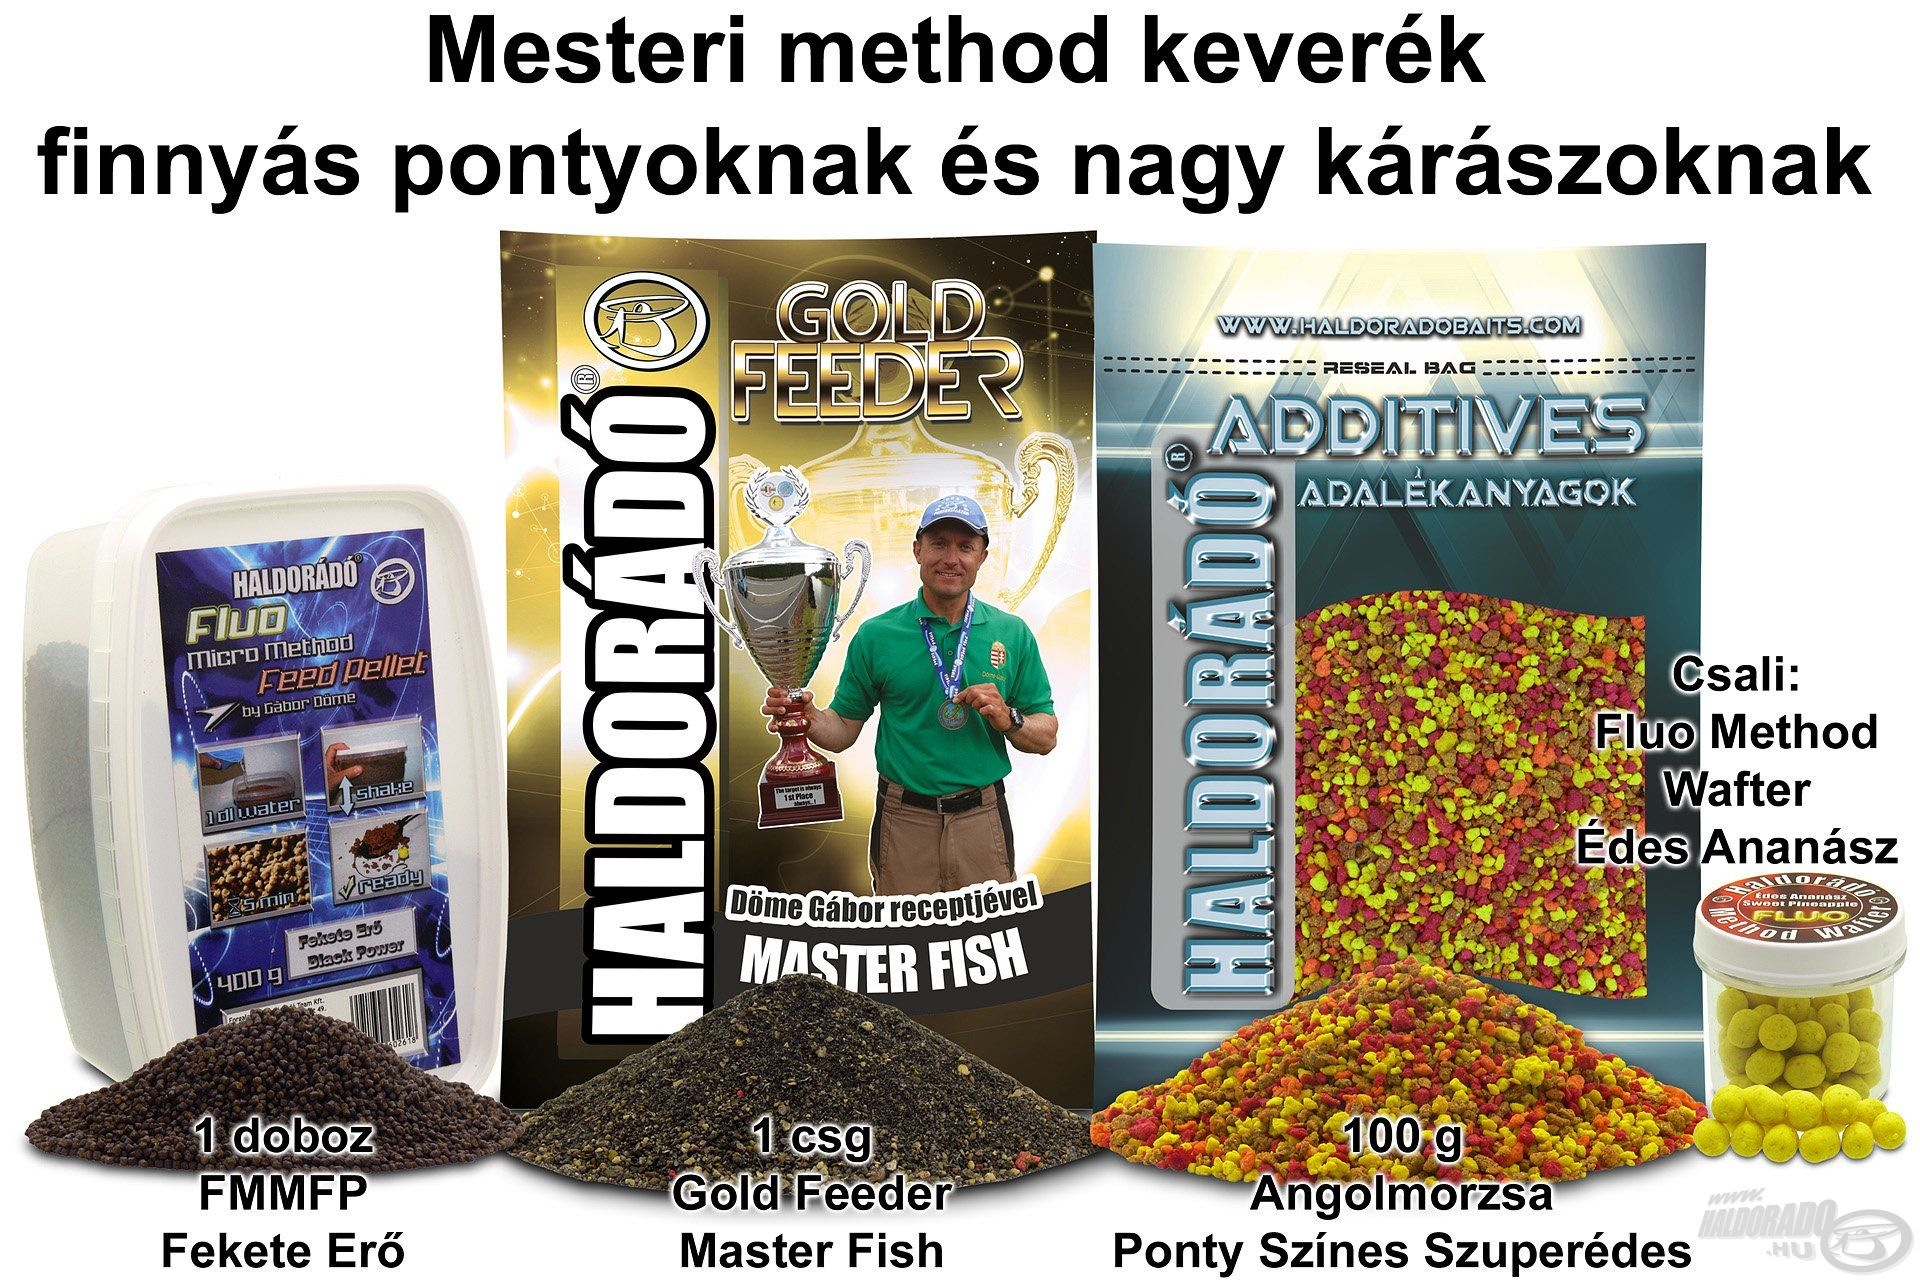 Mesteri method keverék finnyás pontyoknak és nagy kárászoknak